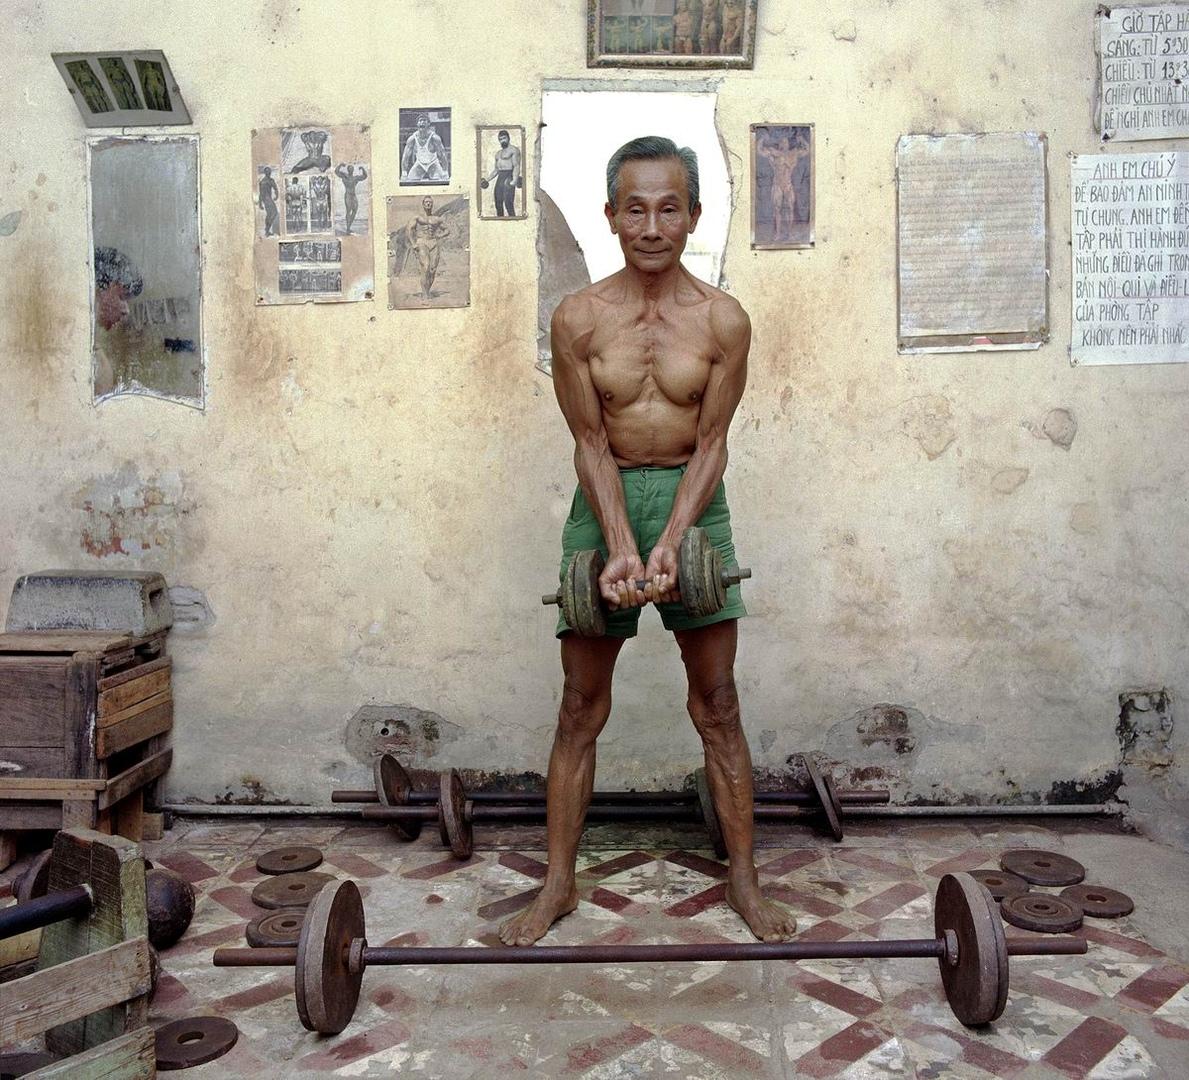 Кто со мной качаться?: Вьетнамский культурист